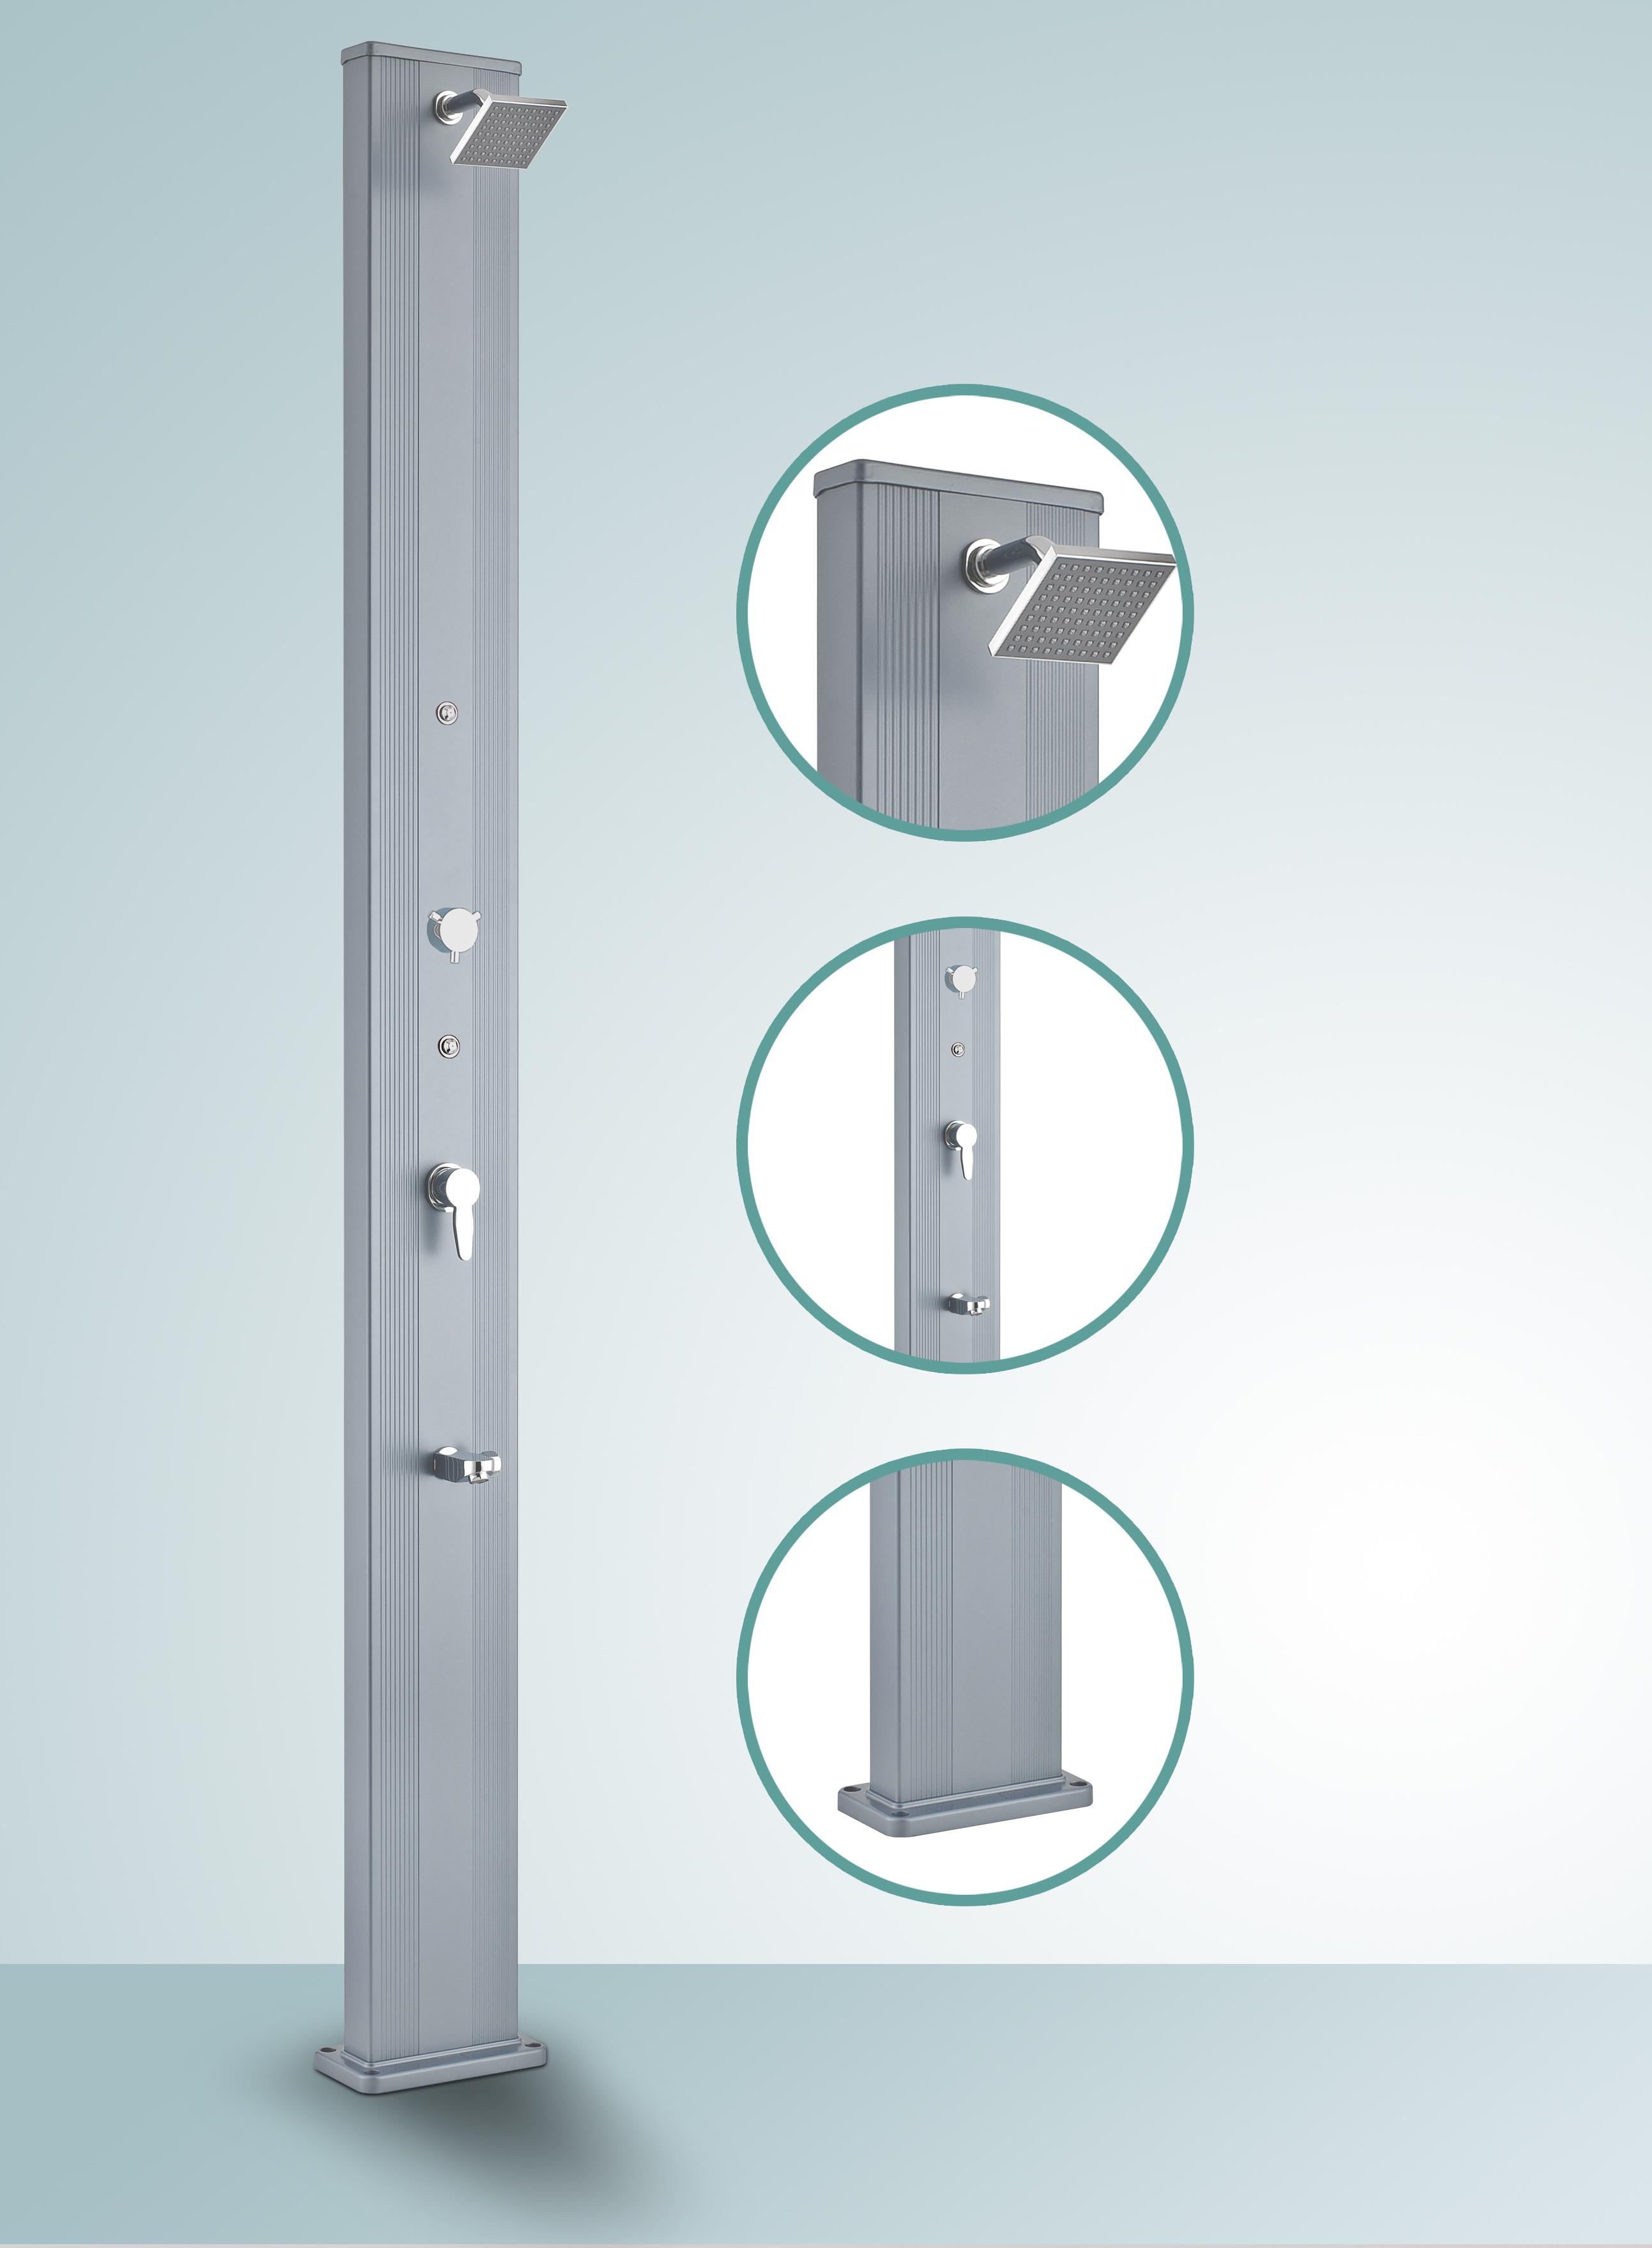 Douche solaire droite alu 28l silver blue - Comment fonctionne une douche solaire ...